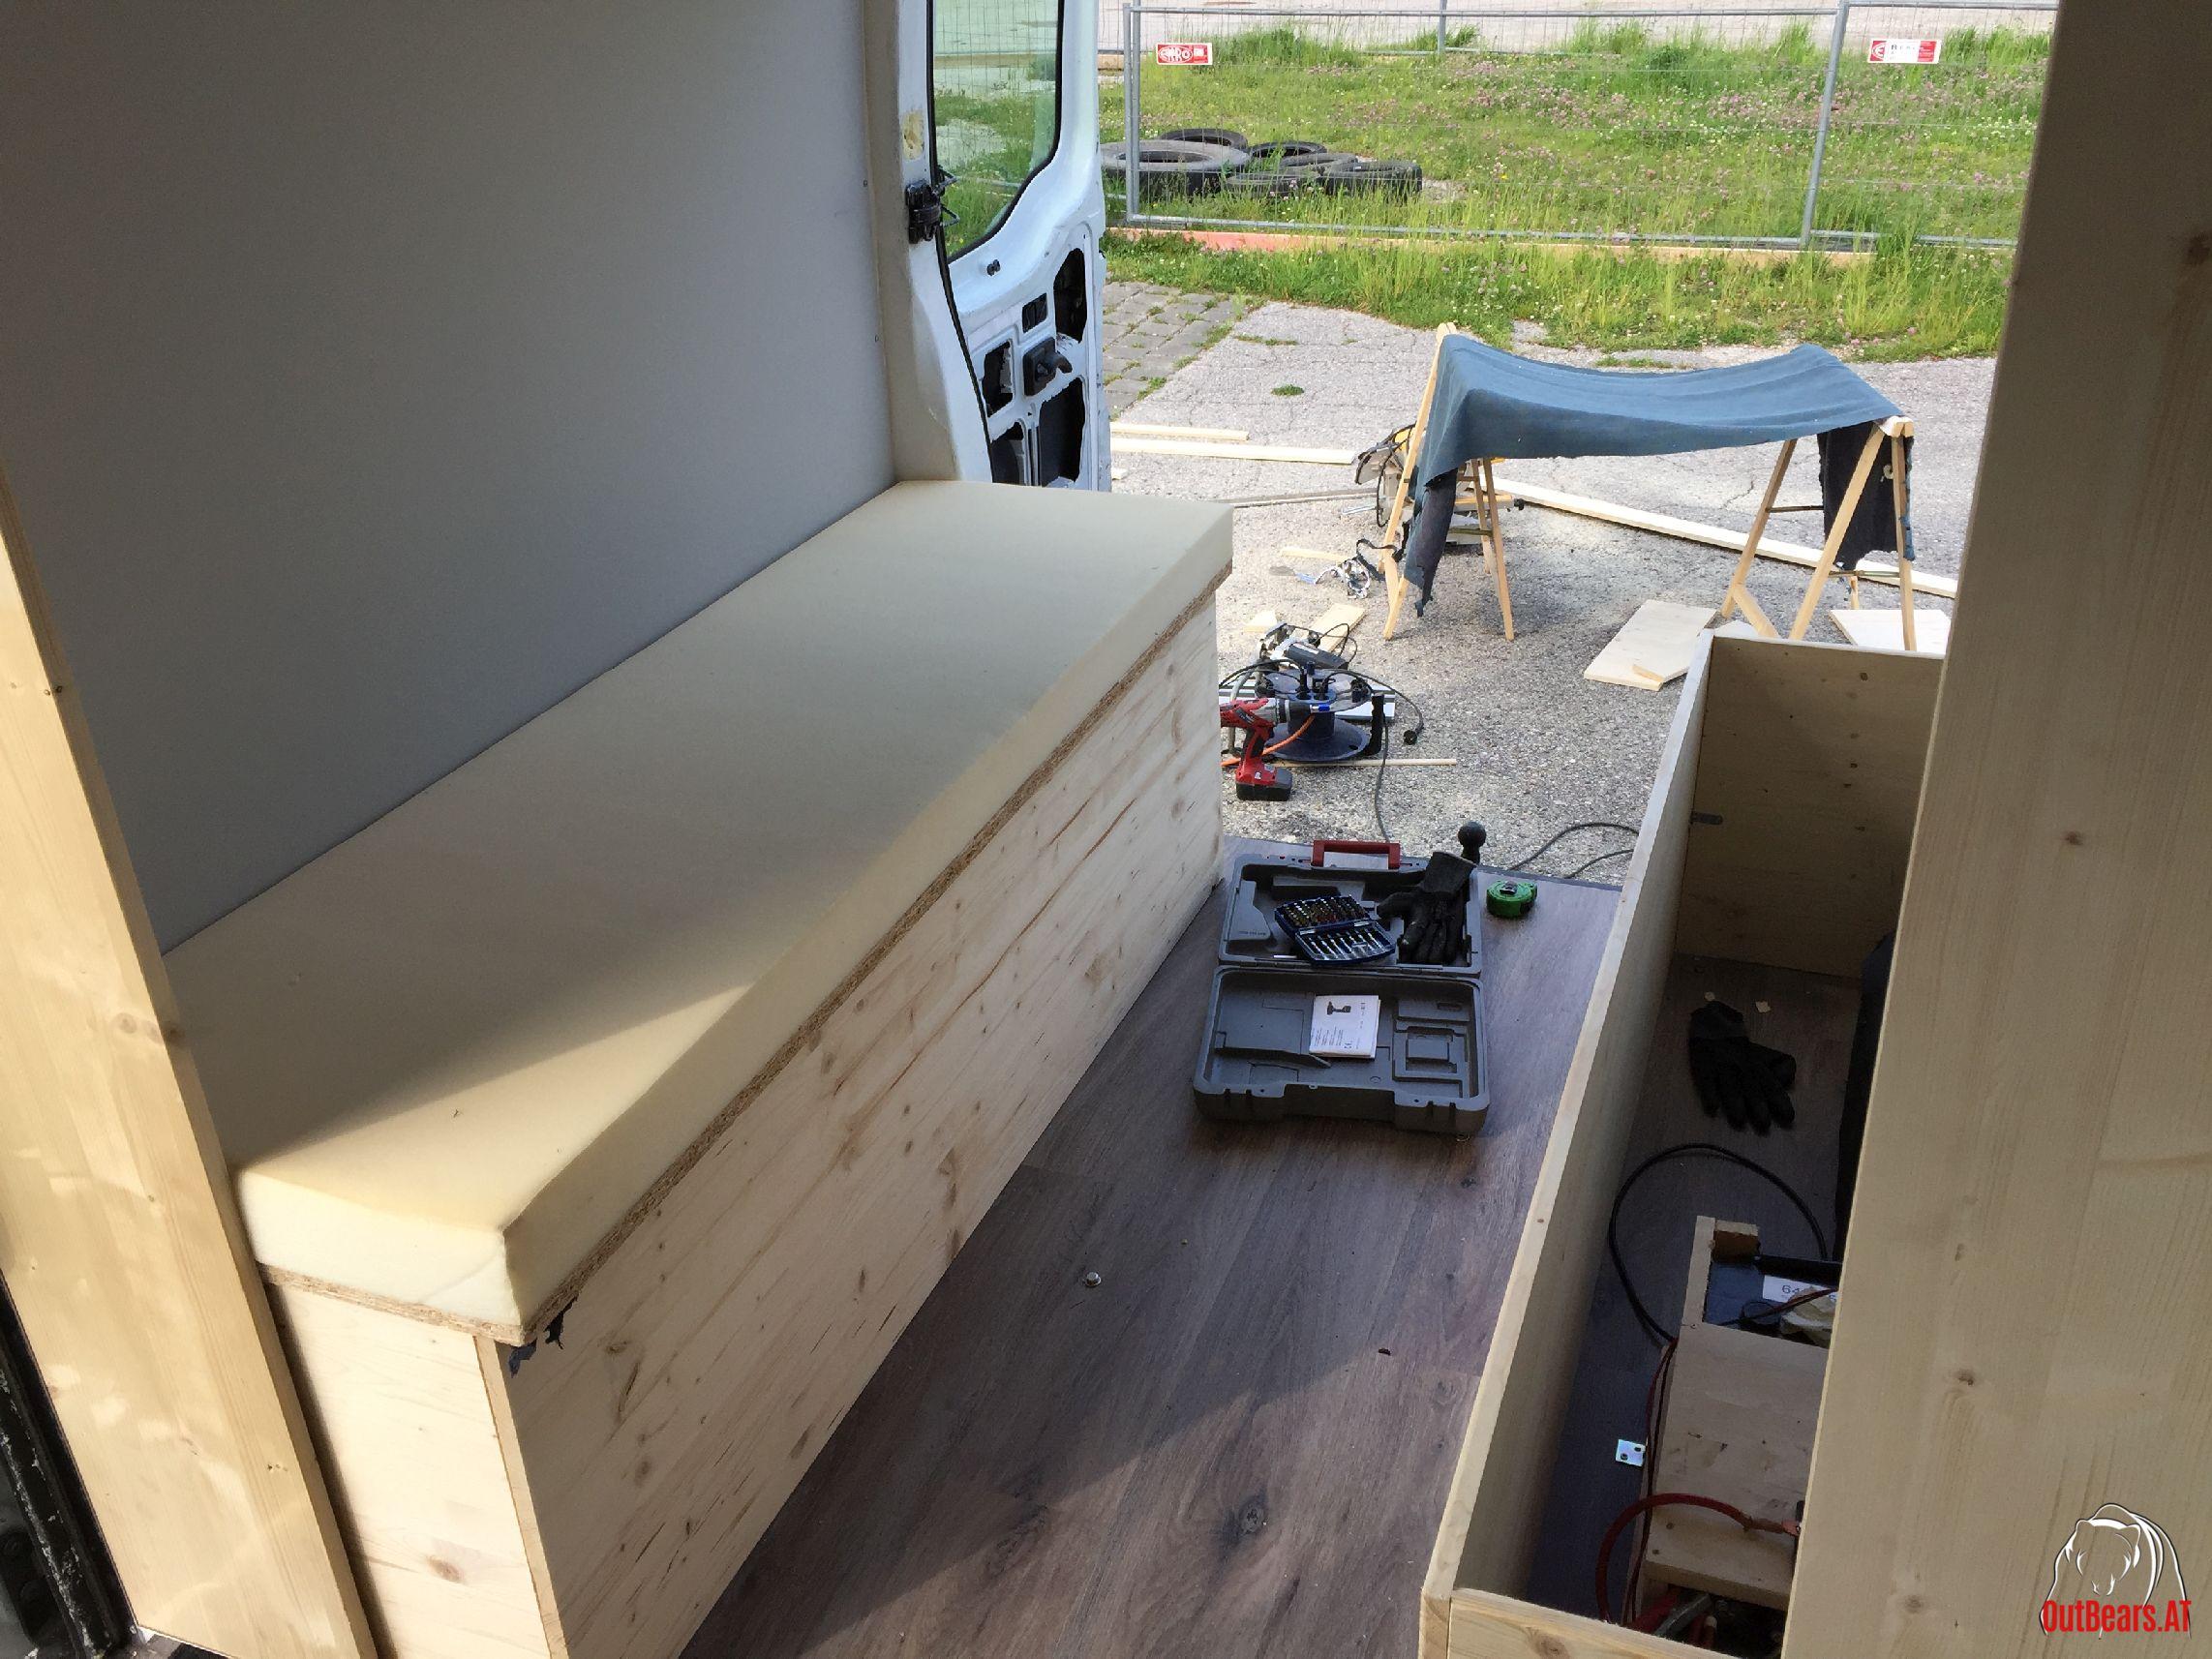 m bel im bus sitzbank renault master outbears. Black Bedroom Furniture Sets. Home Design Ideas